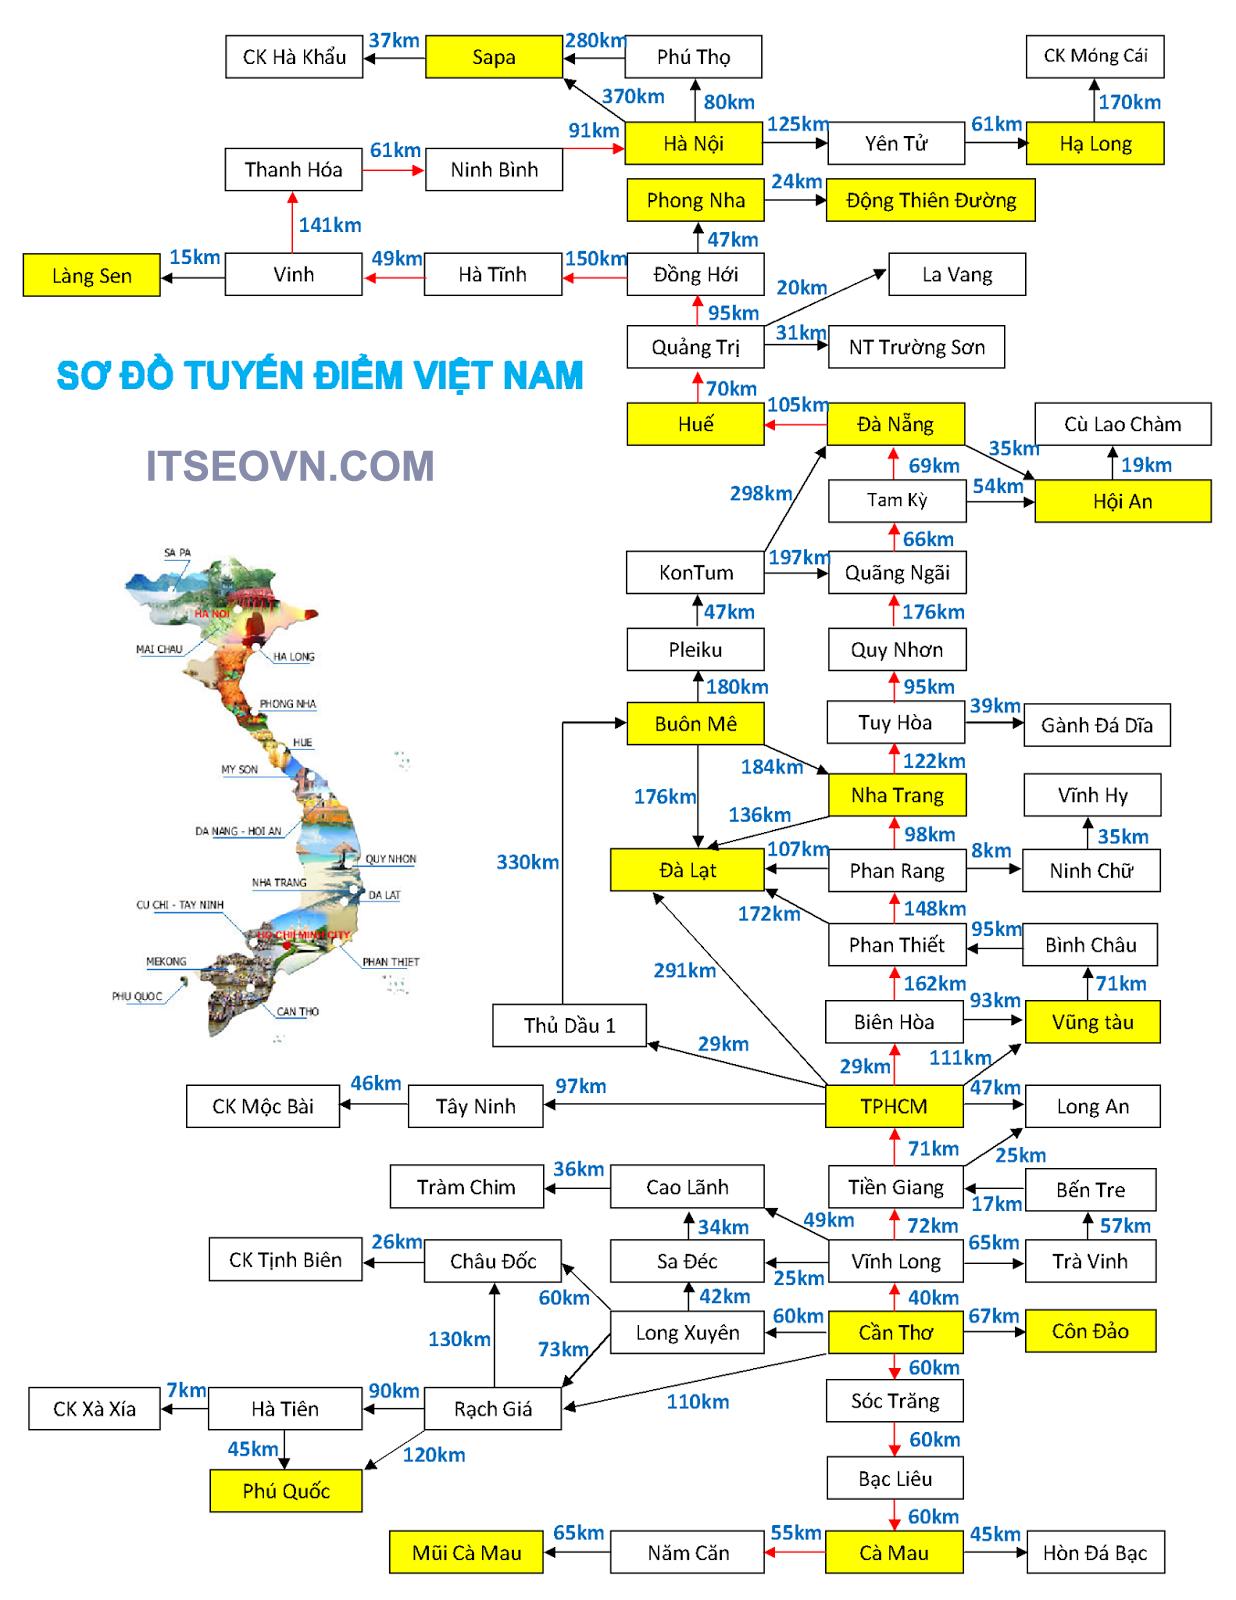 Sơ đồ tuyến, địa điểm, km toàn bộ lãnh thổ Việt Nam